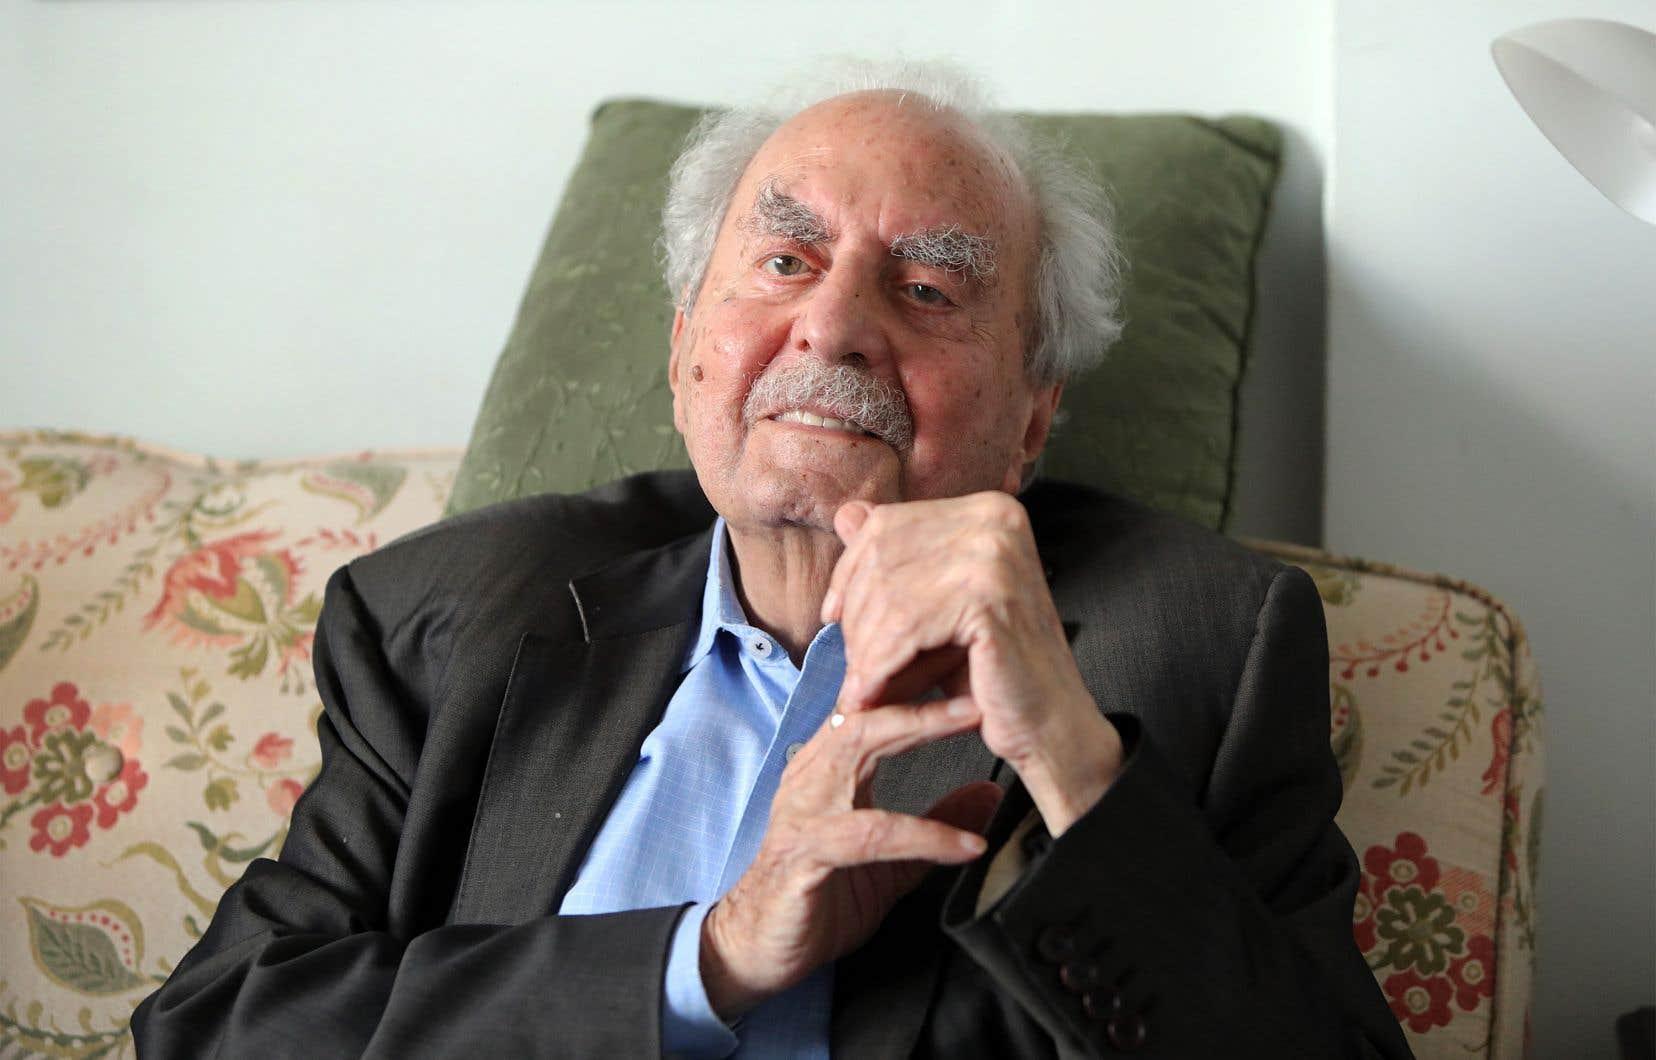 Le romancier, nouvelliste, essayiste et critique Naïm Kattan célébrera son 90eanniversaire le 26août lors d'une petite soirée avec son épouse, au restaurant.